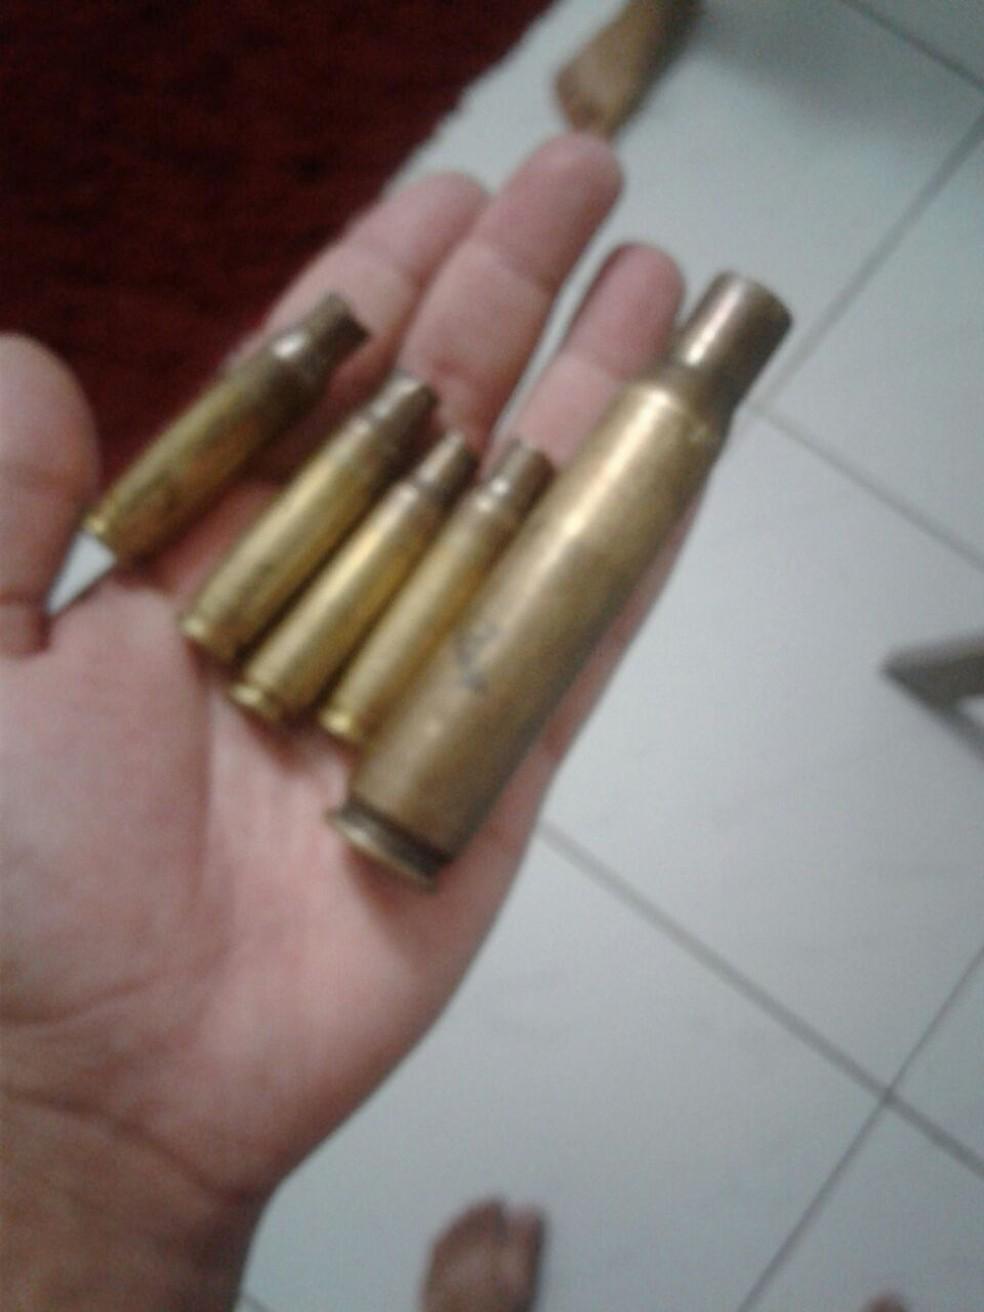 Munições utilizadas pelos bandidos durante ação criminosa (Foto: WhatsApp/Reprodução)